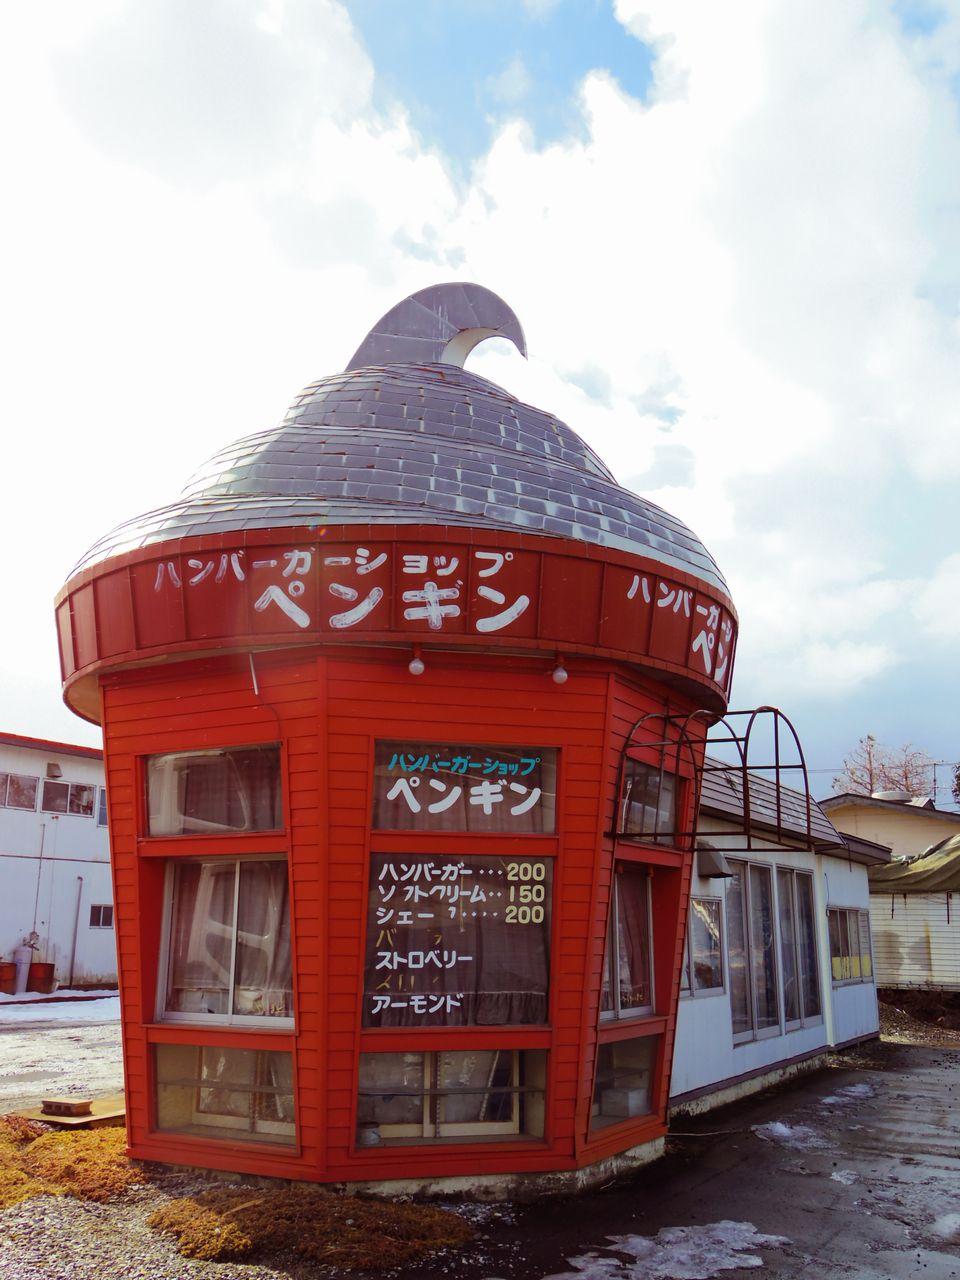 いつも前を通るたび可愛い建物だな~と思ってたけどお店を閉めてからどの位経つんだろう\u2026 ハンバーガーにソフトクリームもお手頃価格!